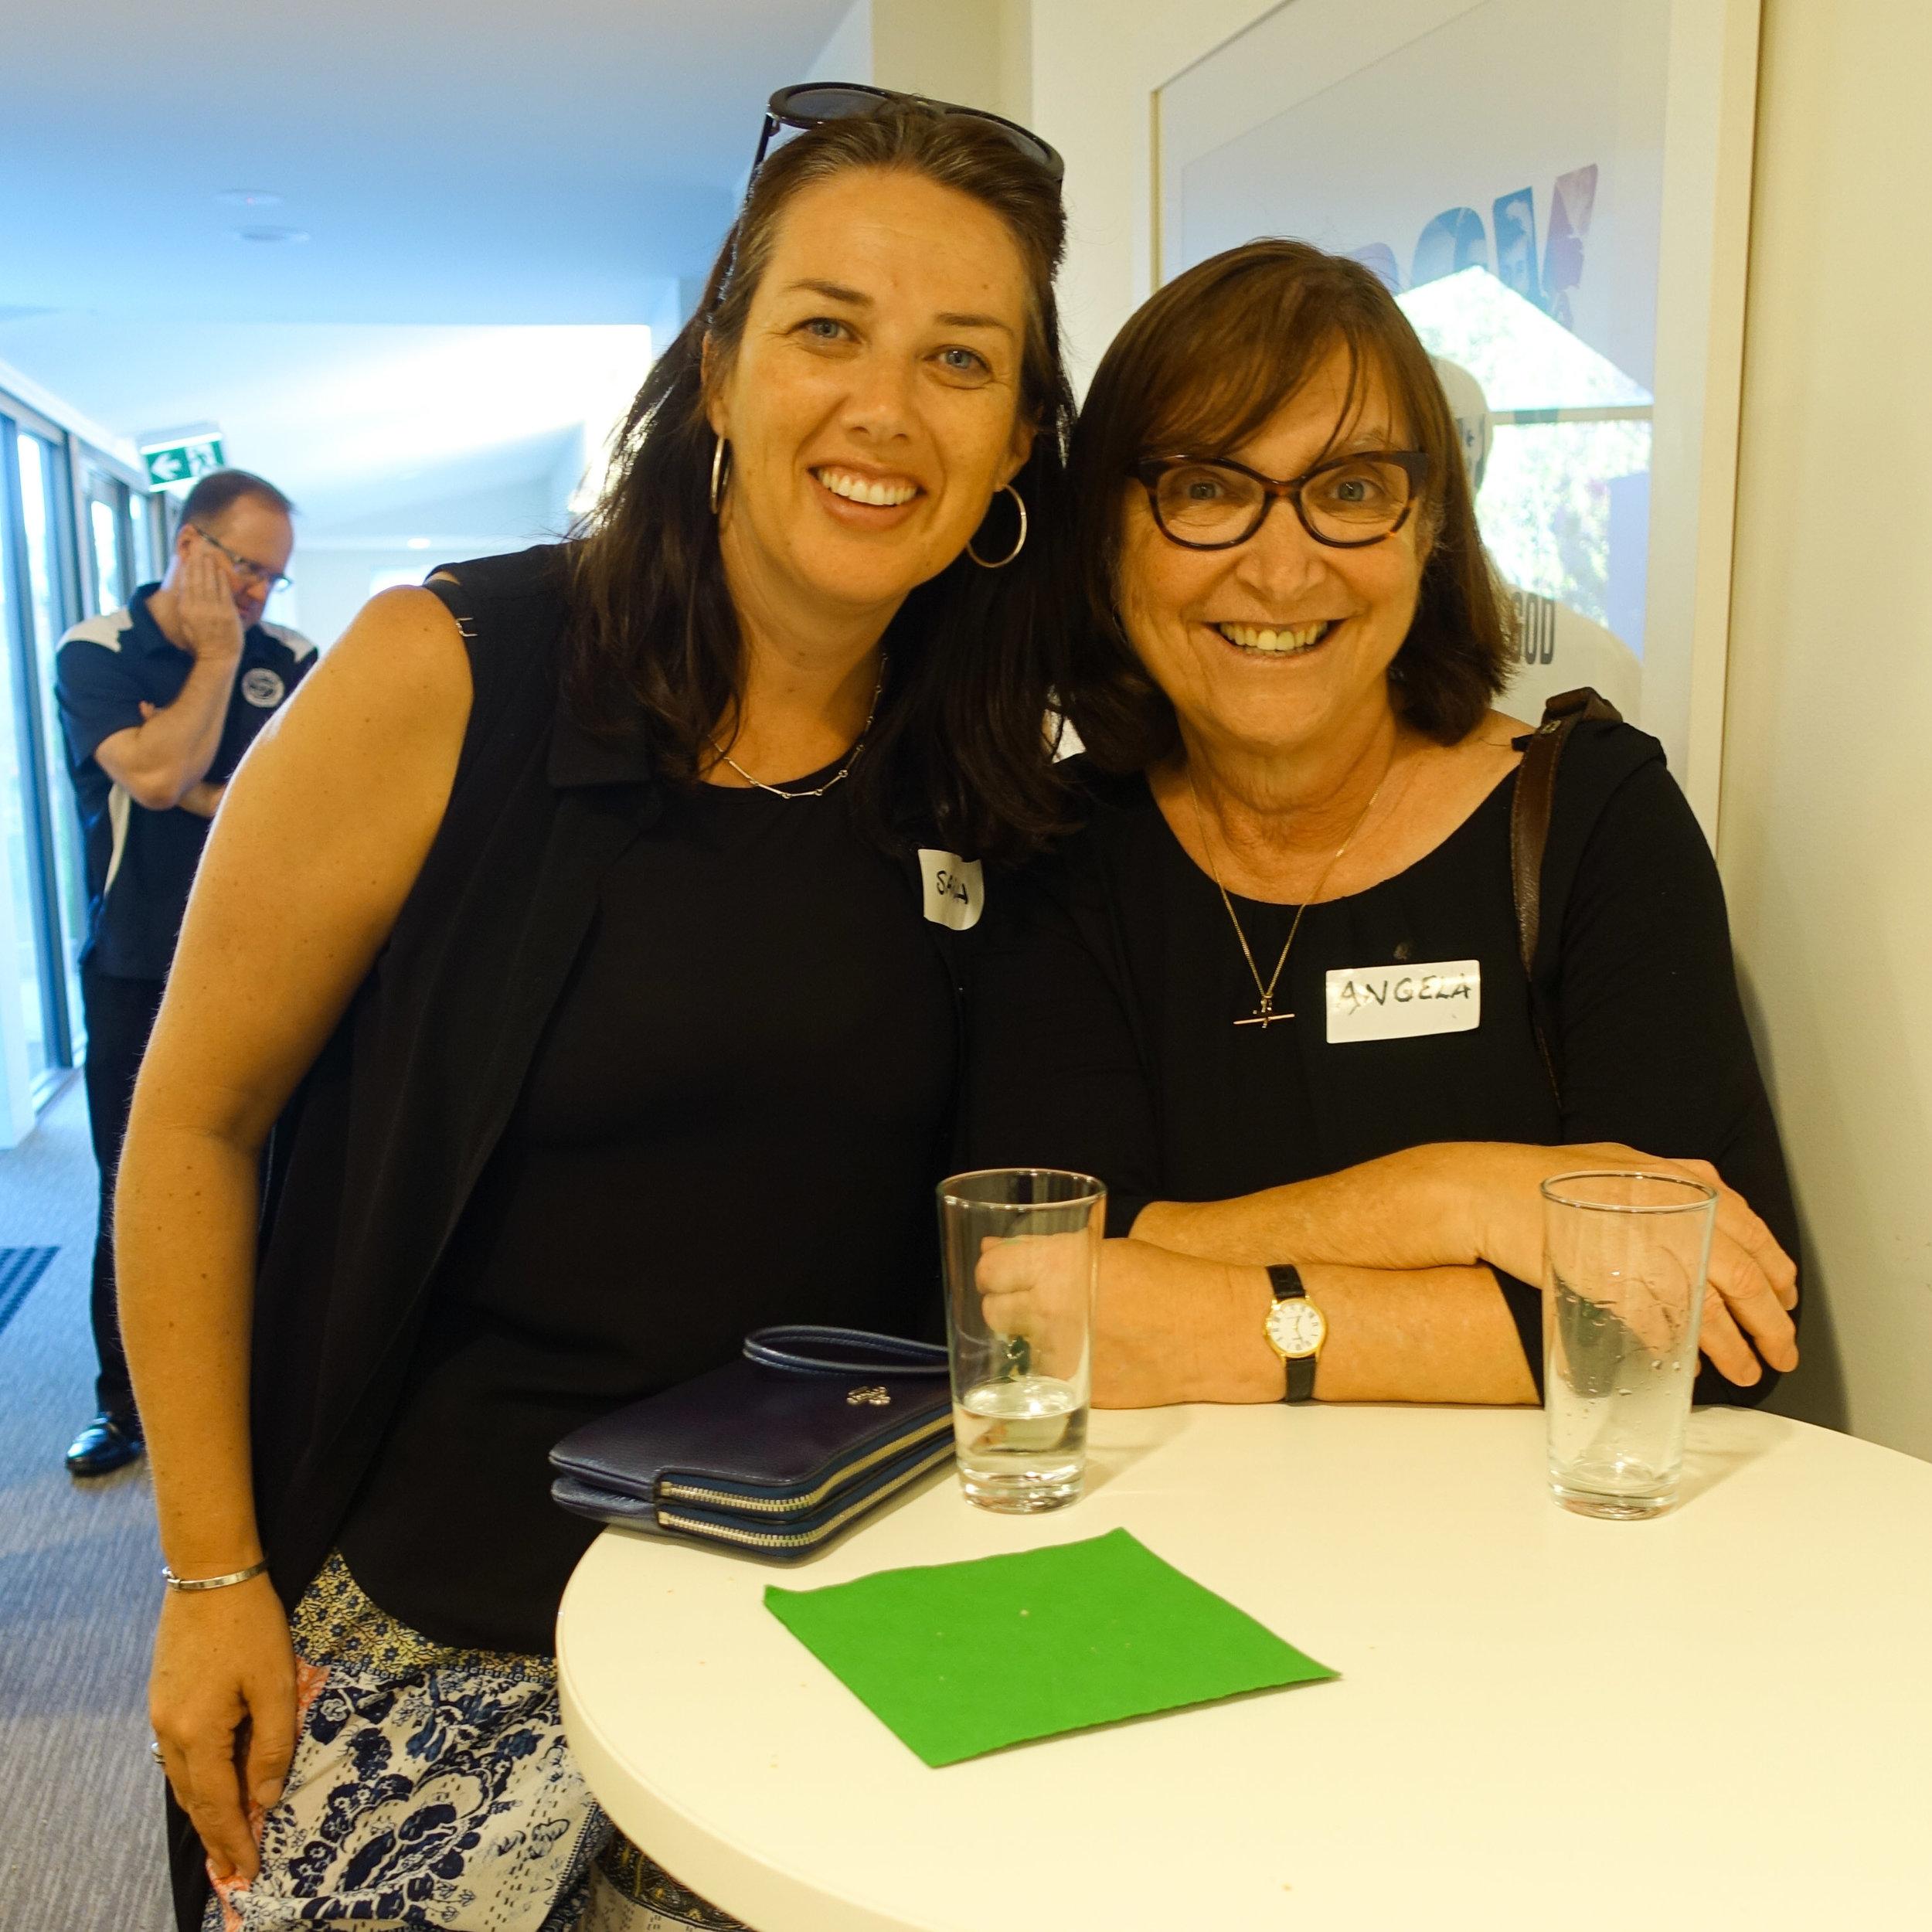 Sarah Cattapan and Angela Tsotsos catching up